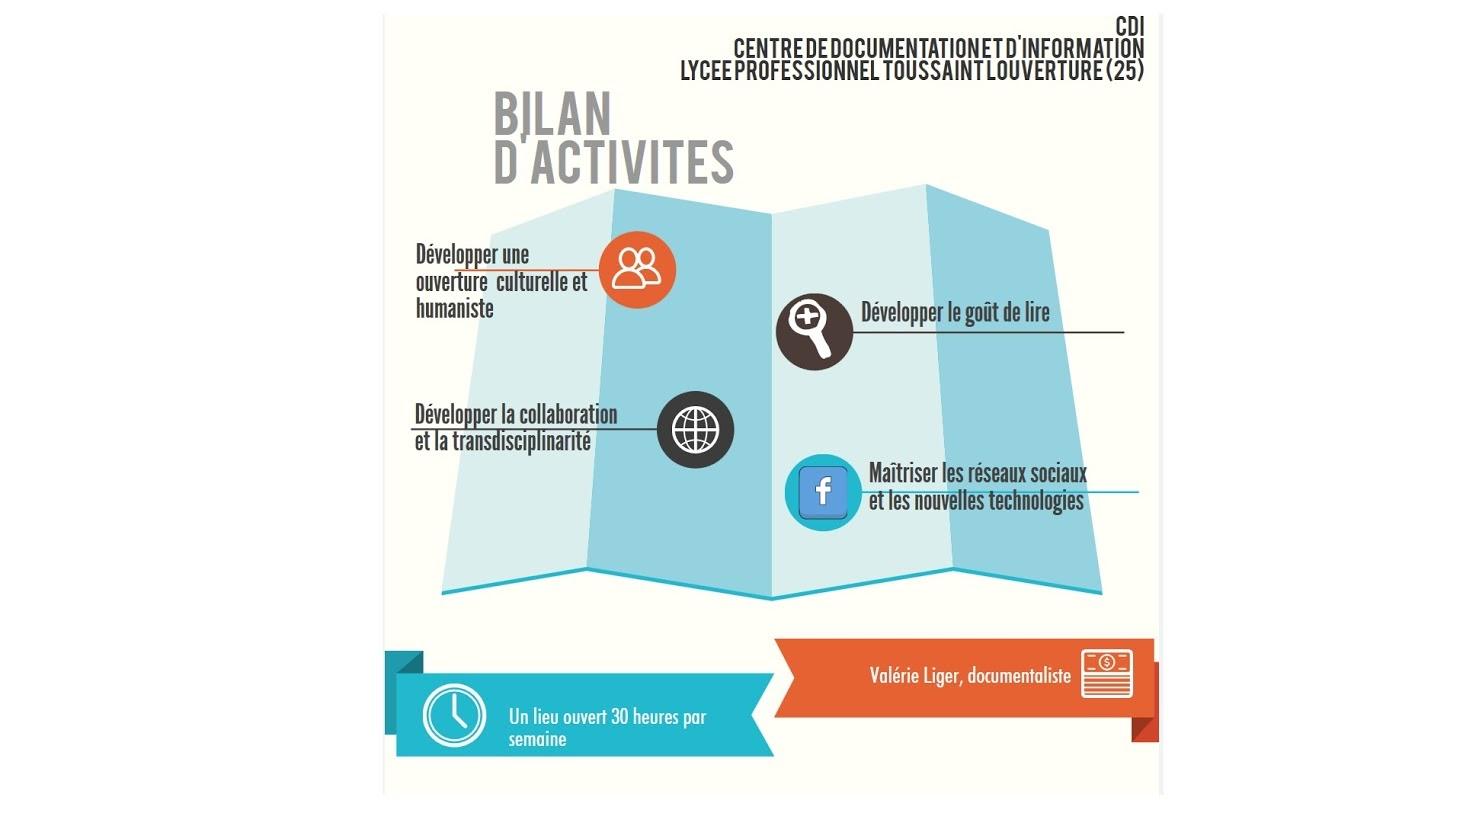 Bilan d'activités du CDI sous forme d'infographie – Prof